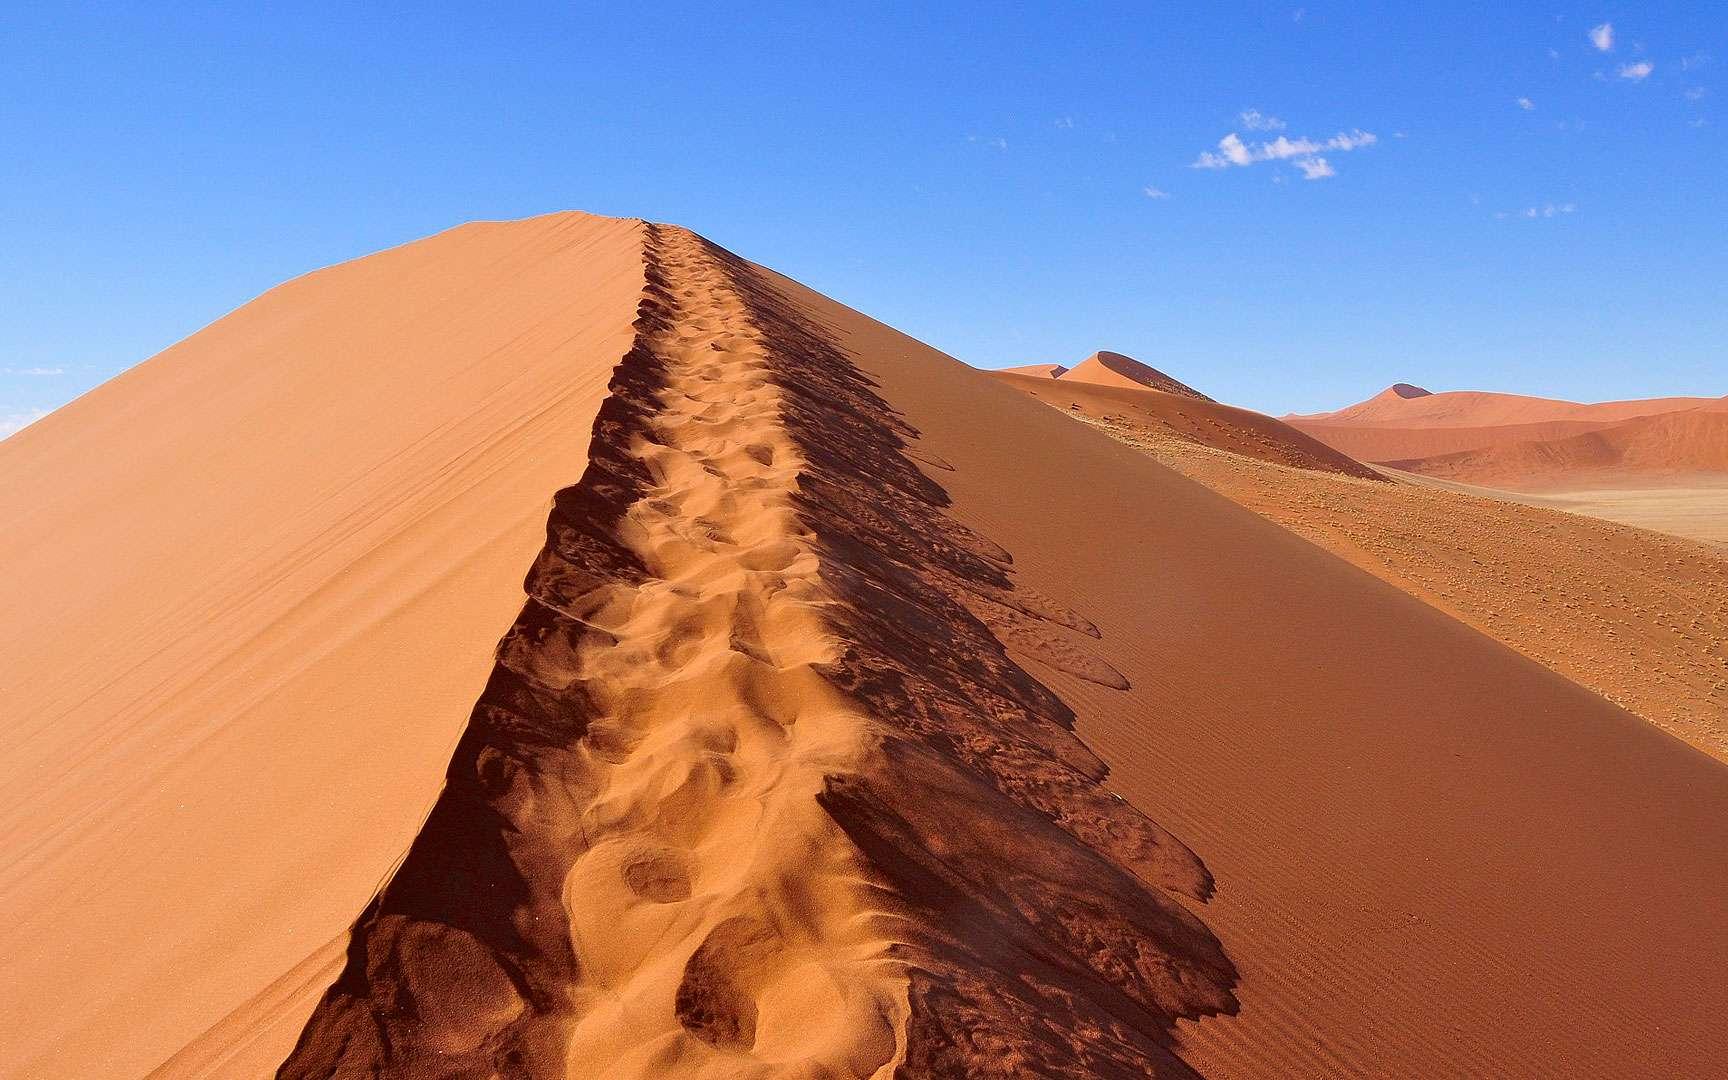 Le Sossusvlei est un désert de sel et d'argile situé dans le Parc national de Namib-Naukluft, dans le désert de Namib, en Namibie. Là se dressent de majestueuses dunes qui culminent à plus de 375 mètres de haut, leur permettant de figurer au palmarès des plus hautes dunes du monde.Leur couleur rouge qui contraste si joliment avec le bleu du ciel local, elles la doivent à la présence dans leur sable de trioxyde de fer (Fe2O3). Du sable de grès érodés accumulé sur le site par des vents qui l'ont porté parfois sur des distances incroyables. Une partie viendrait même du désert du Kalahari.© Sue Kellerman, Flickr, CC by-NC 2.0